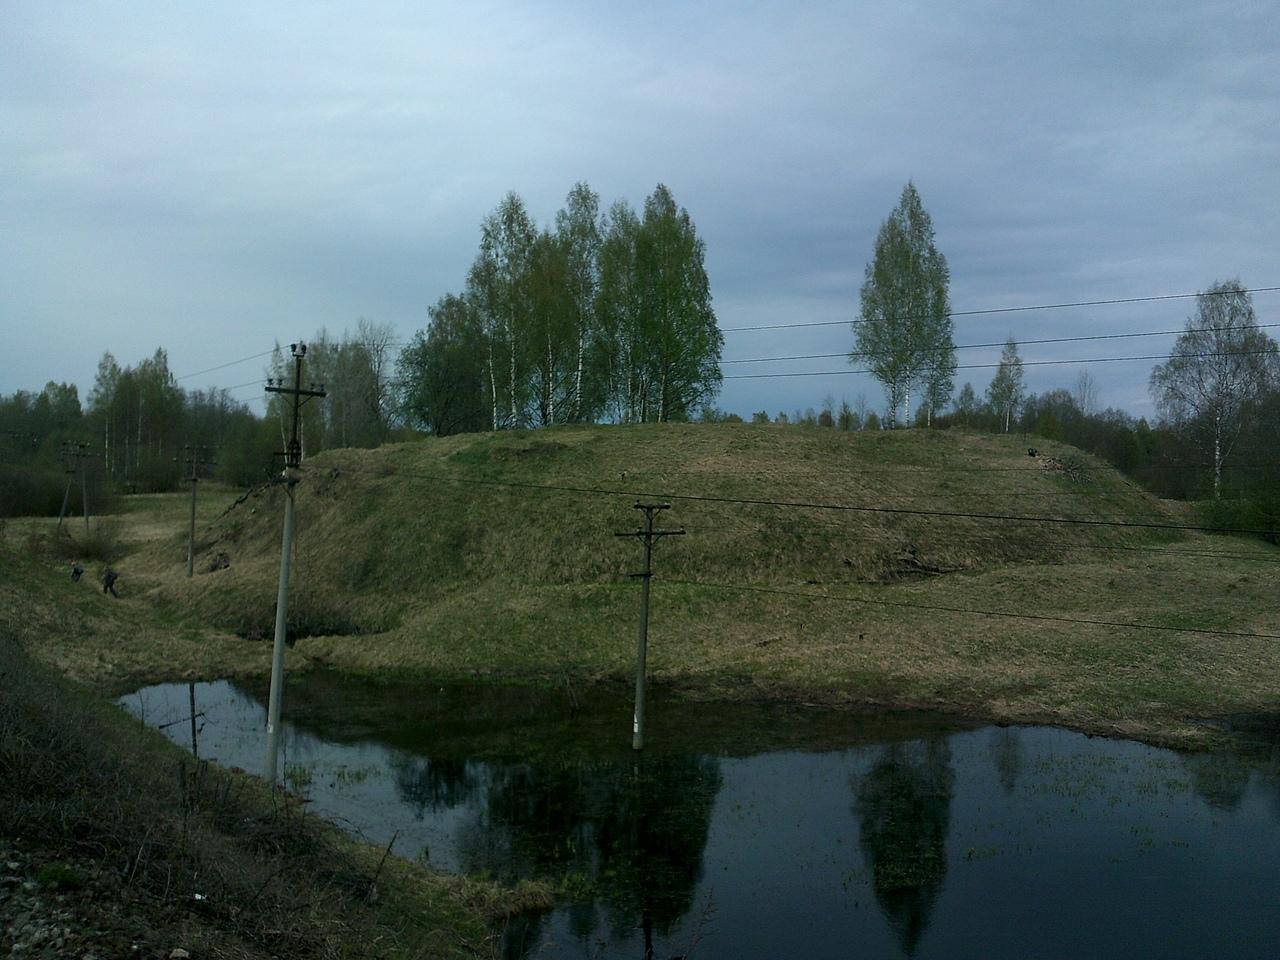 Пешком в Новгородскую область. Городище Кострони - древнее славянское поселение.